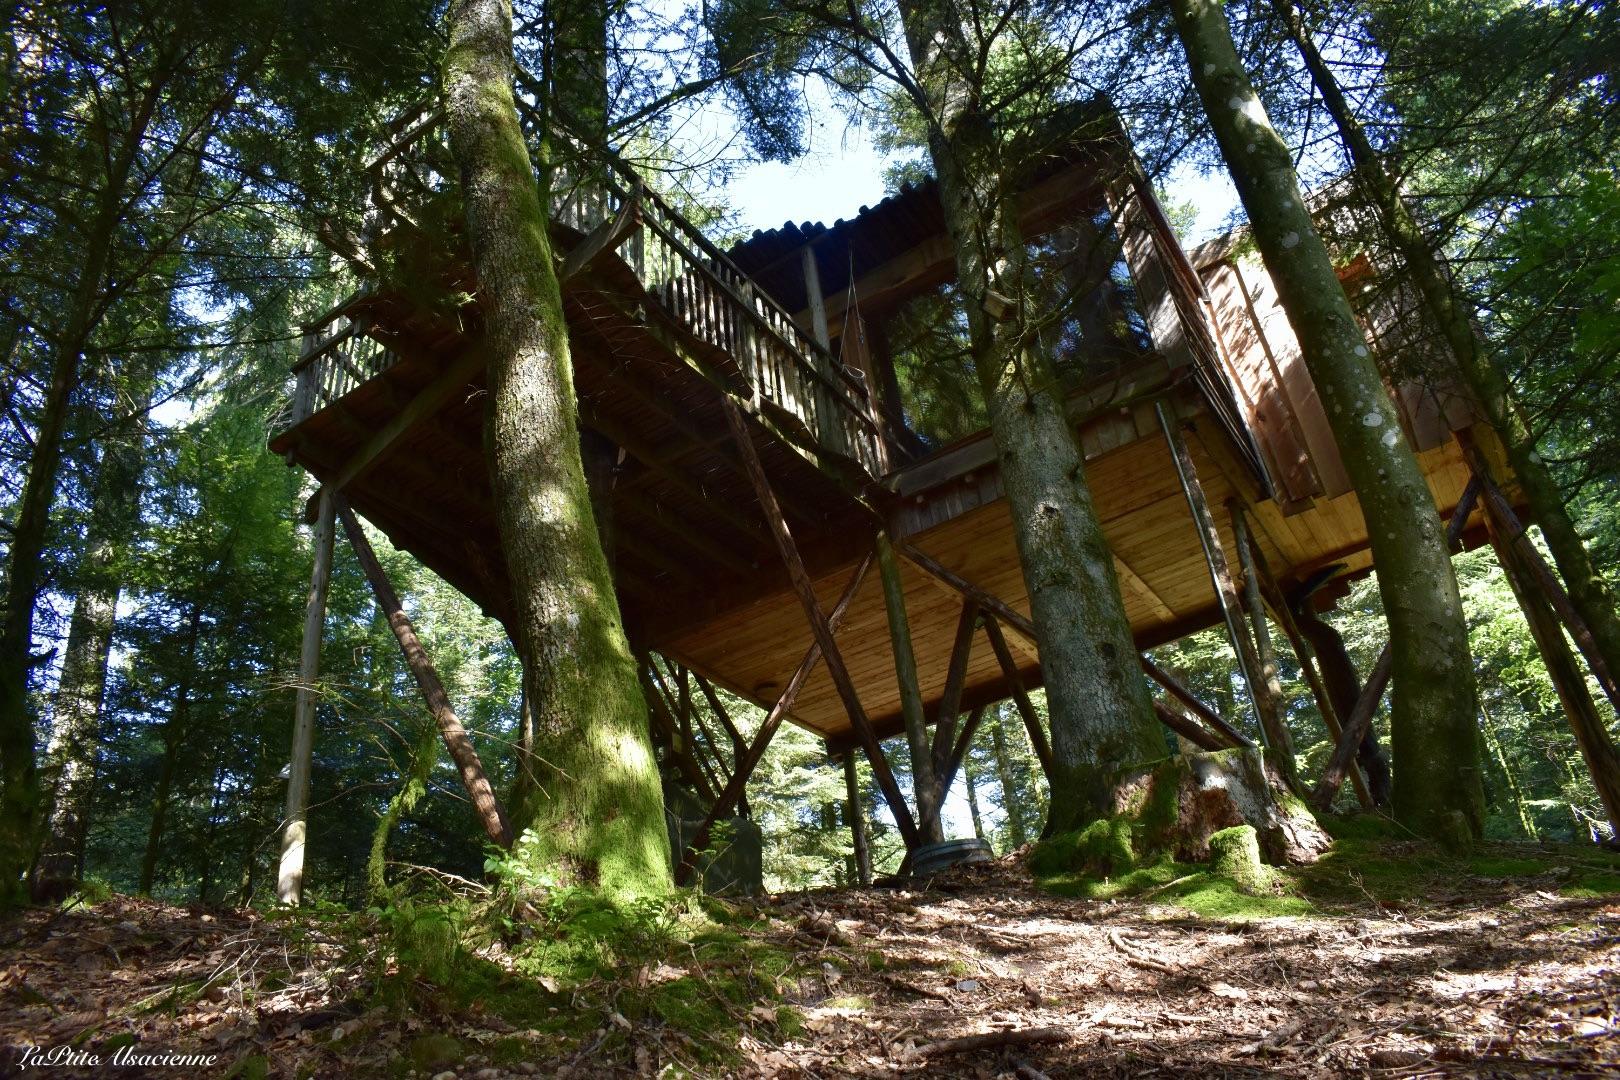 Cabane dans les arbres n°7 Vision - Nids des Vosges - Photo de Cendrine Miesch dite  LaPtiteAlsacienne